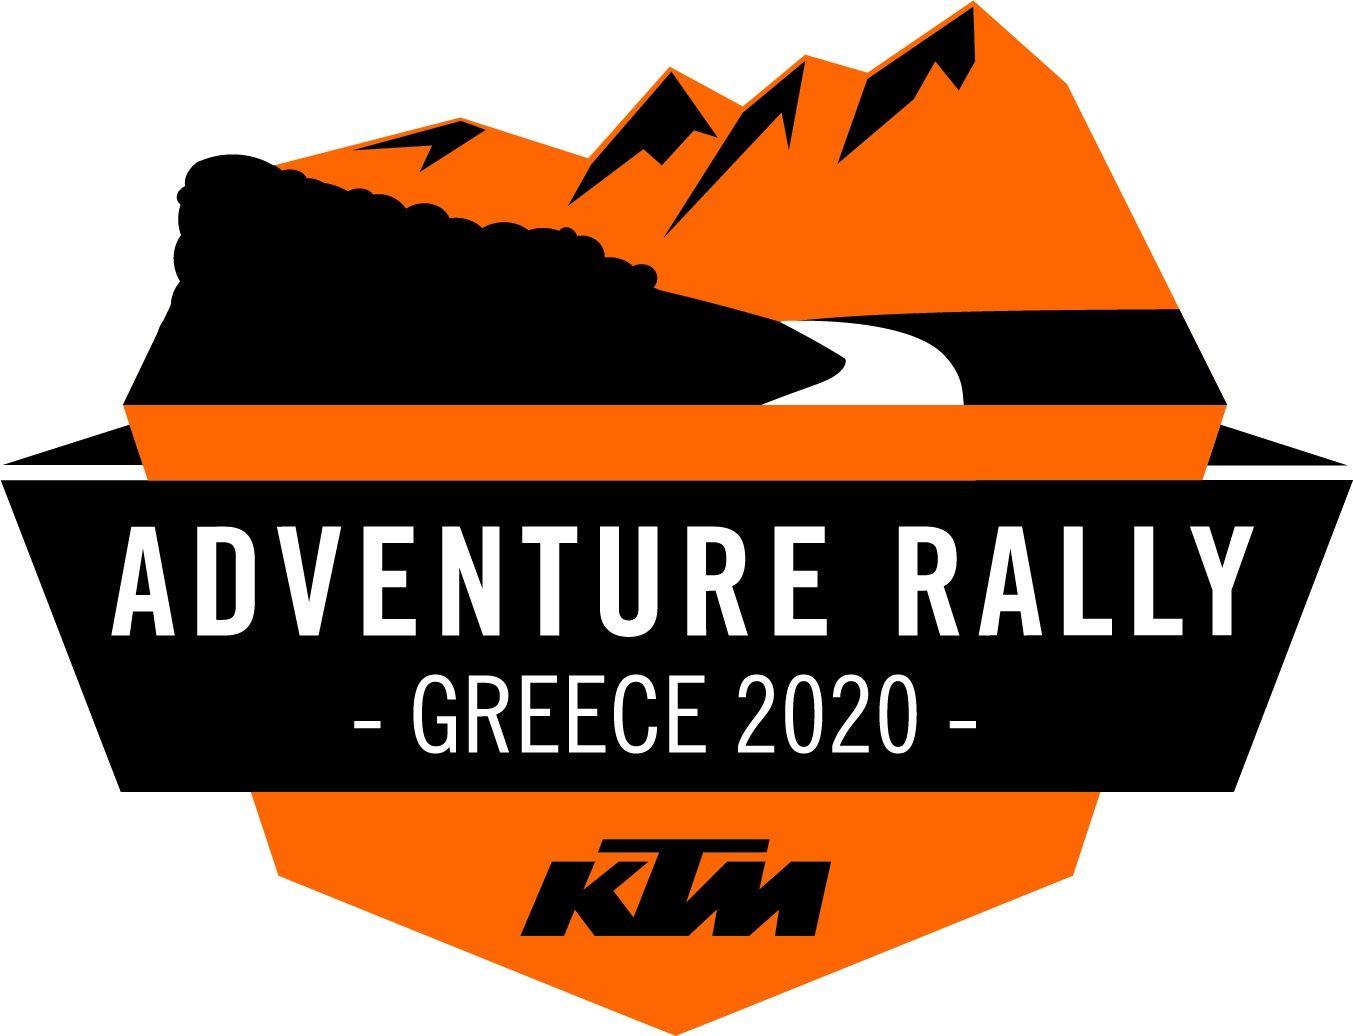 Erste Infos zur vierten KTM ADVENTURE RALLY in Europa